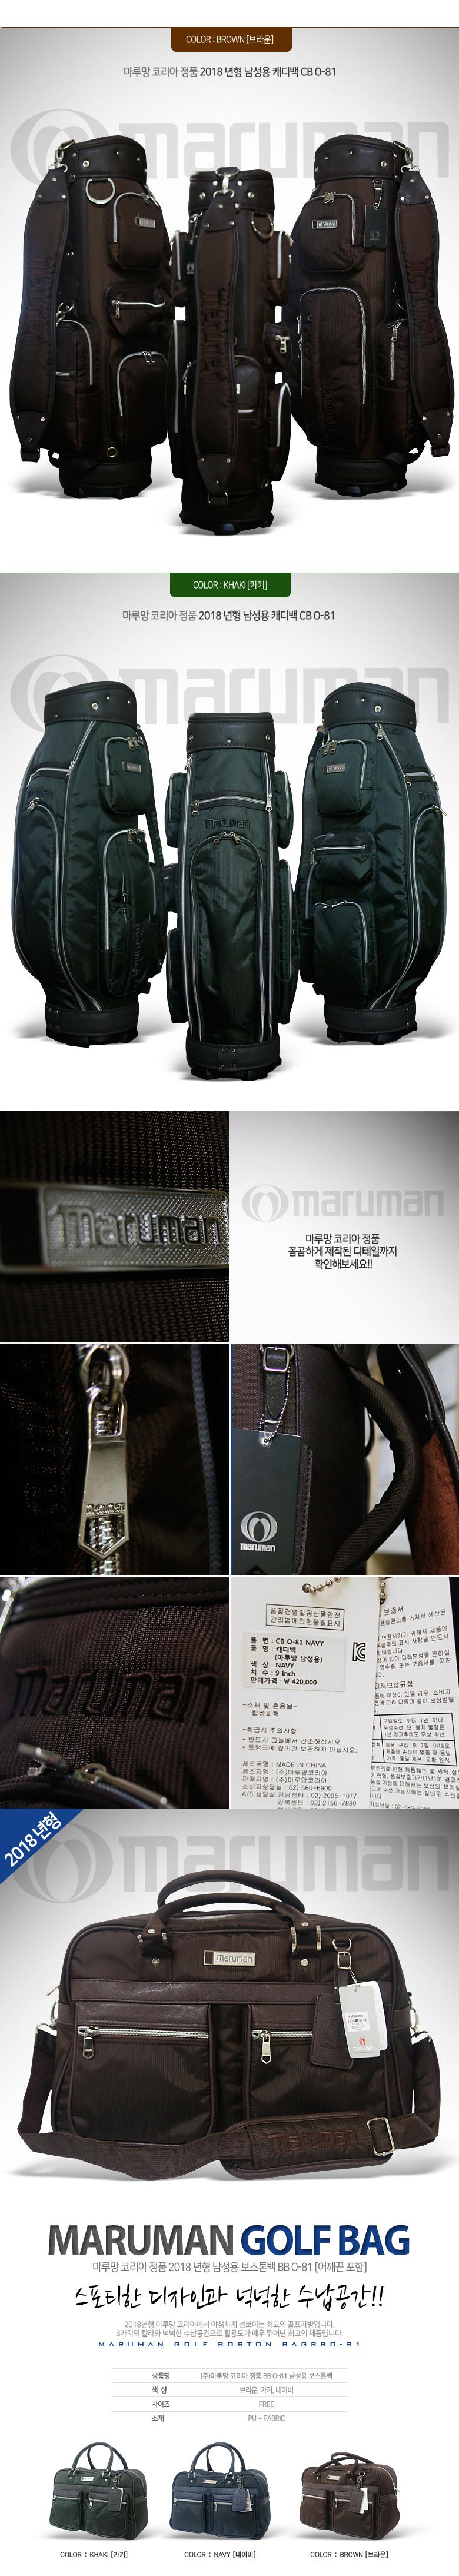 maruman_o81_bagset_02.jpg